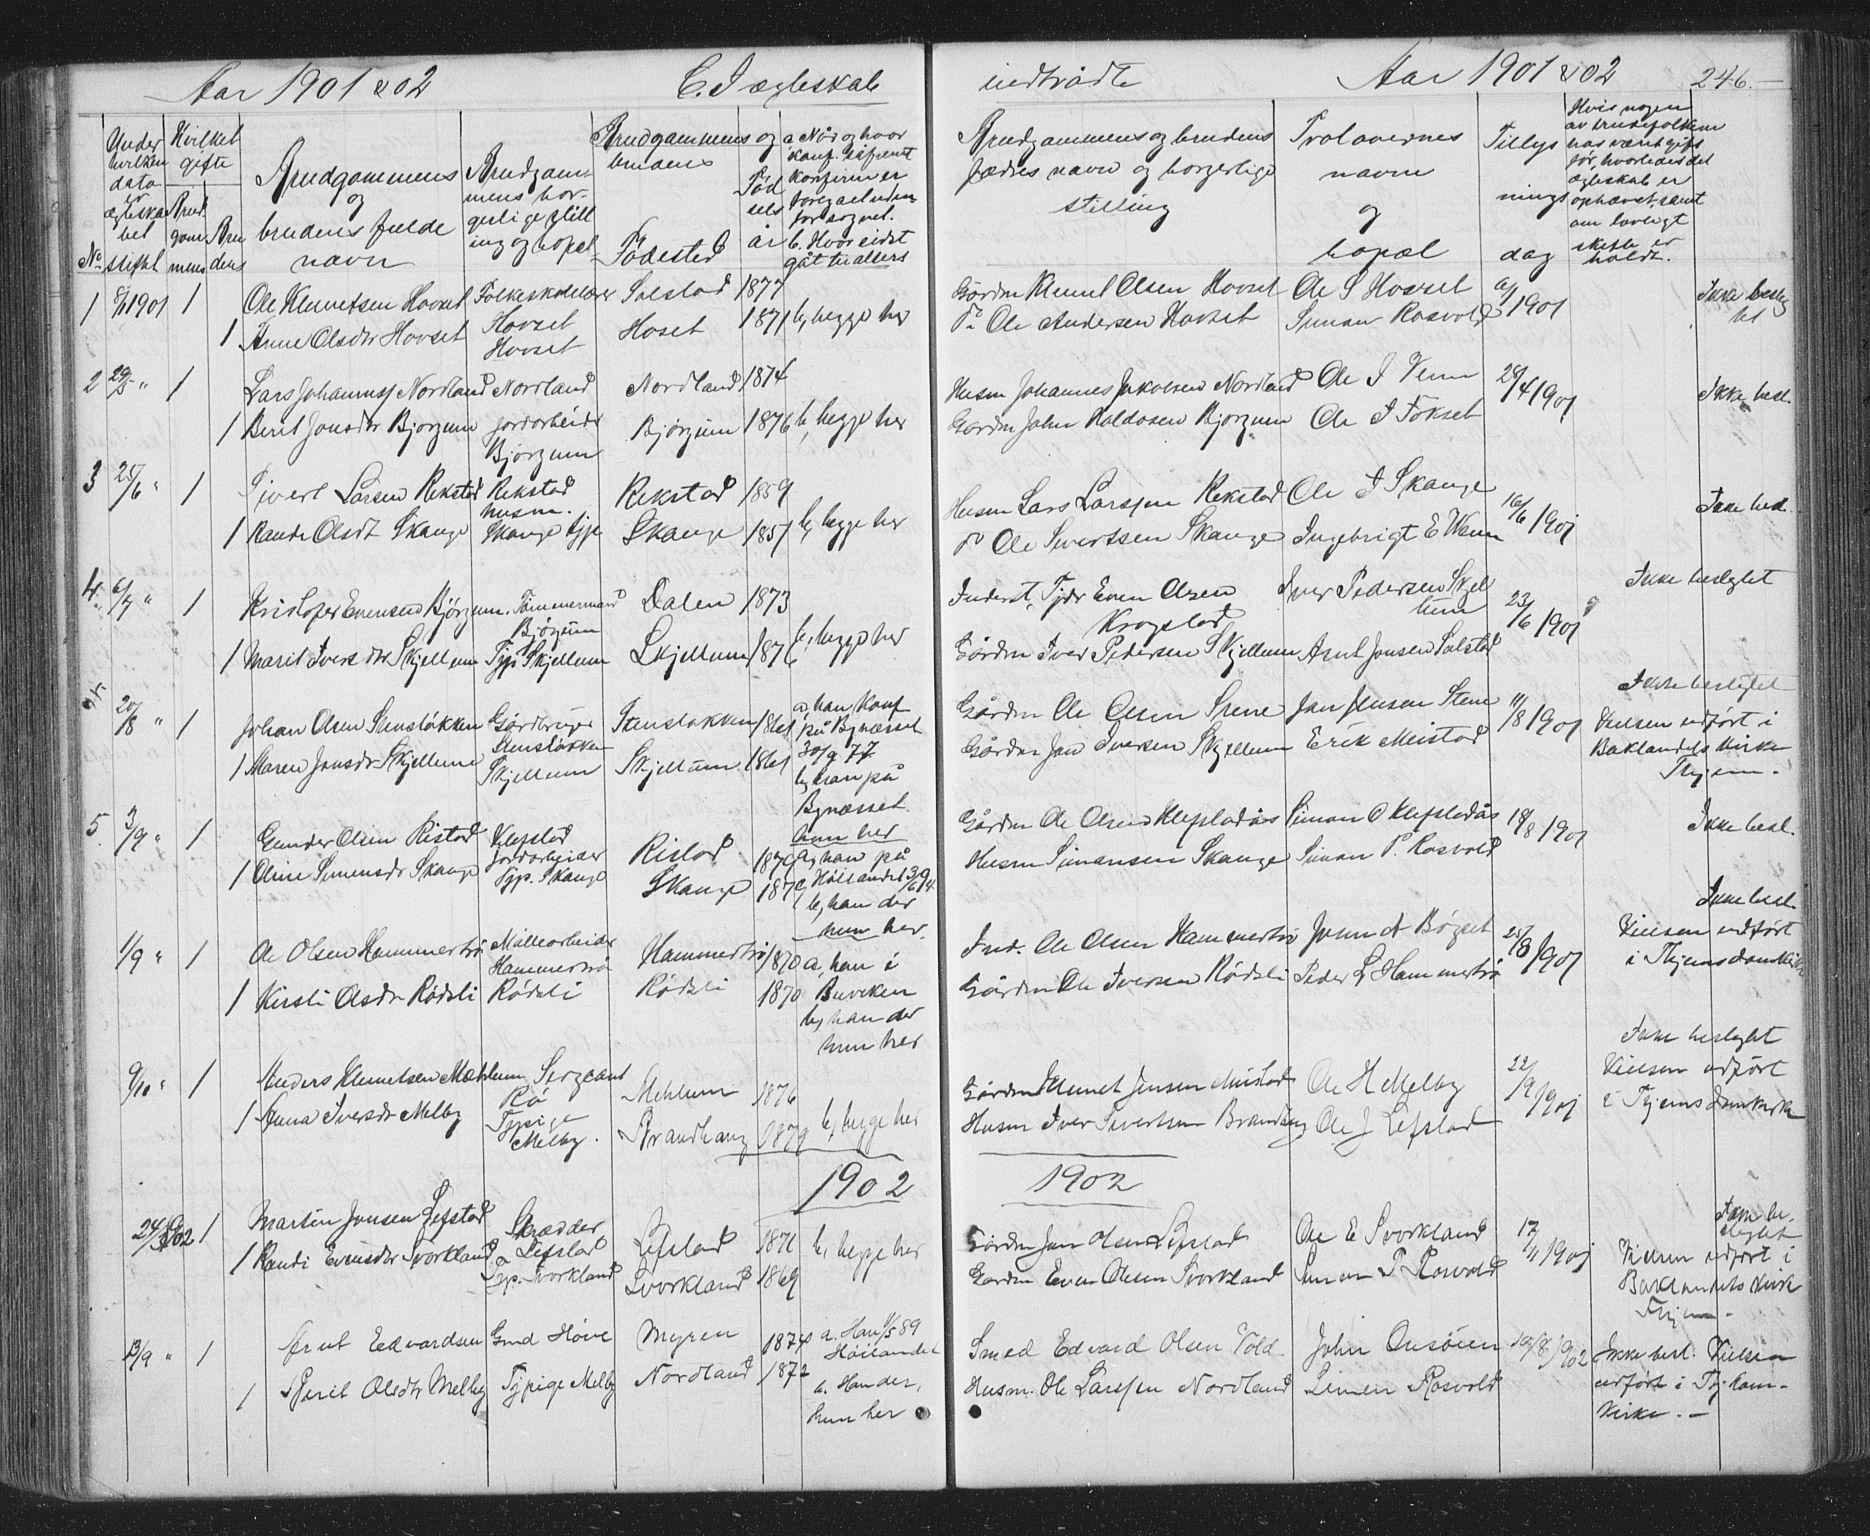 SAT, Ministerialprotokoller, klokkerbøker og fødselsregistre - Sør-Trøndelag, 667/L0798: Klokkerbok nr. 667C03, 1867-1929, s. 246